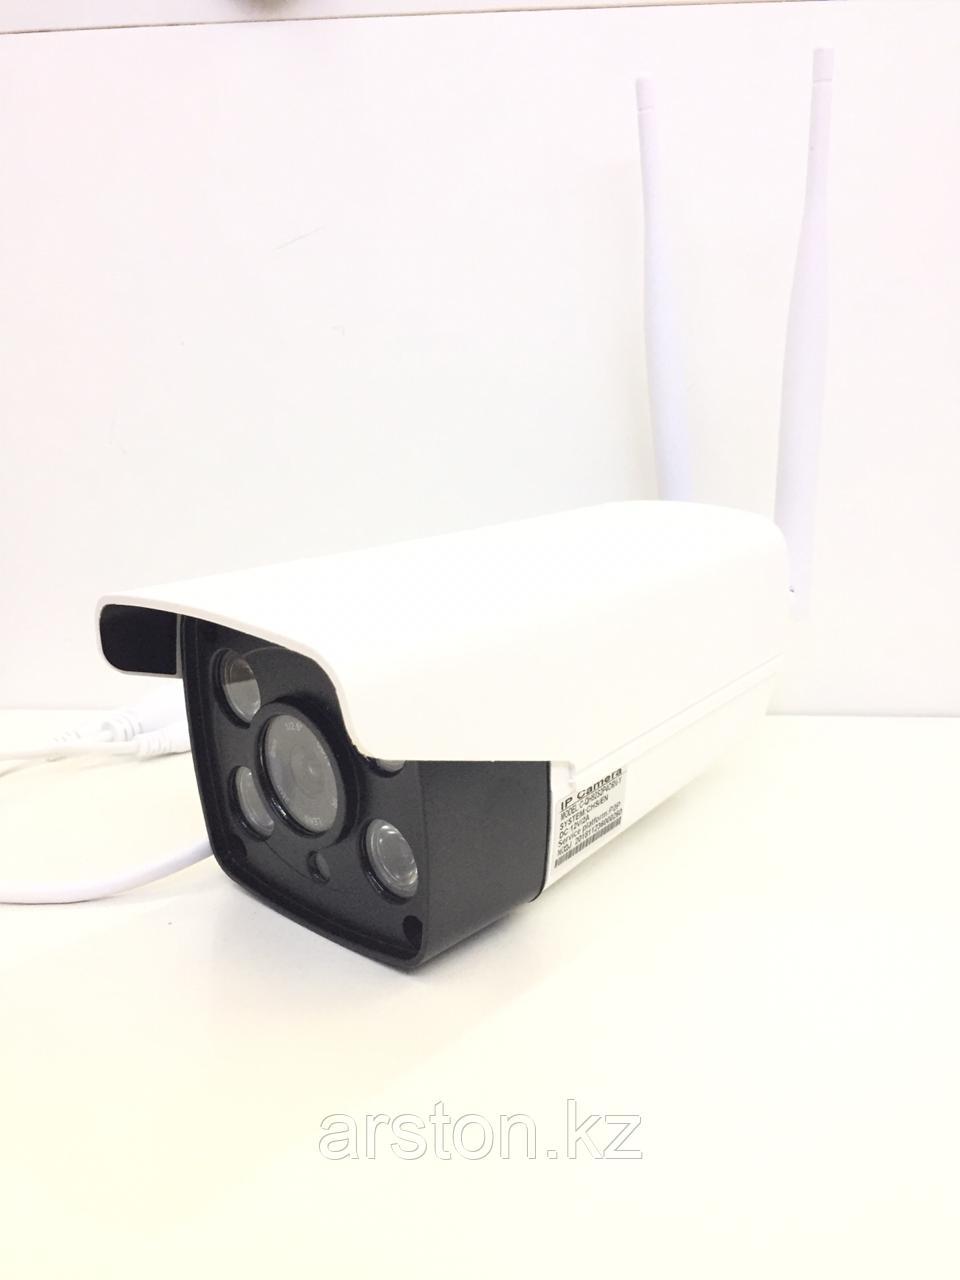 Wifi ip camera yoosee 2 MP